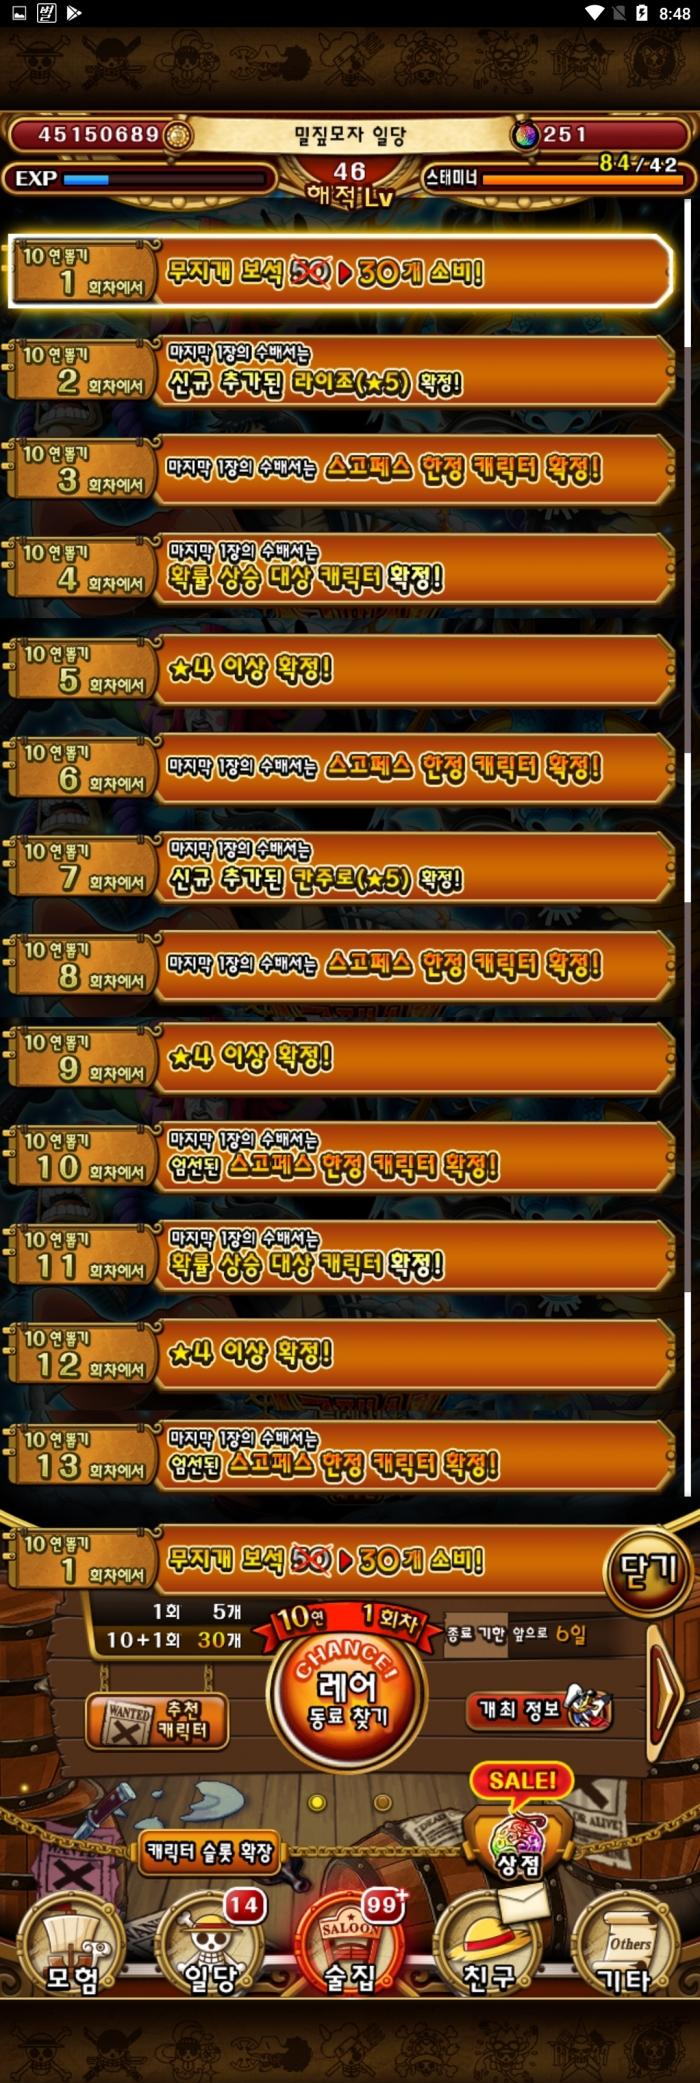 Screenshot_2020-03-03-20-48-47-crop-vert.jpg